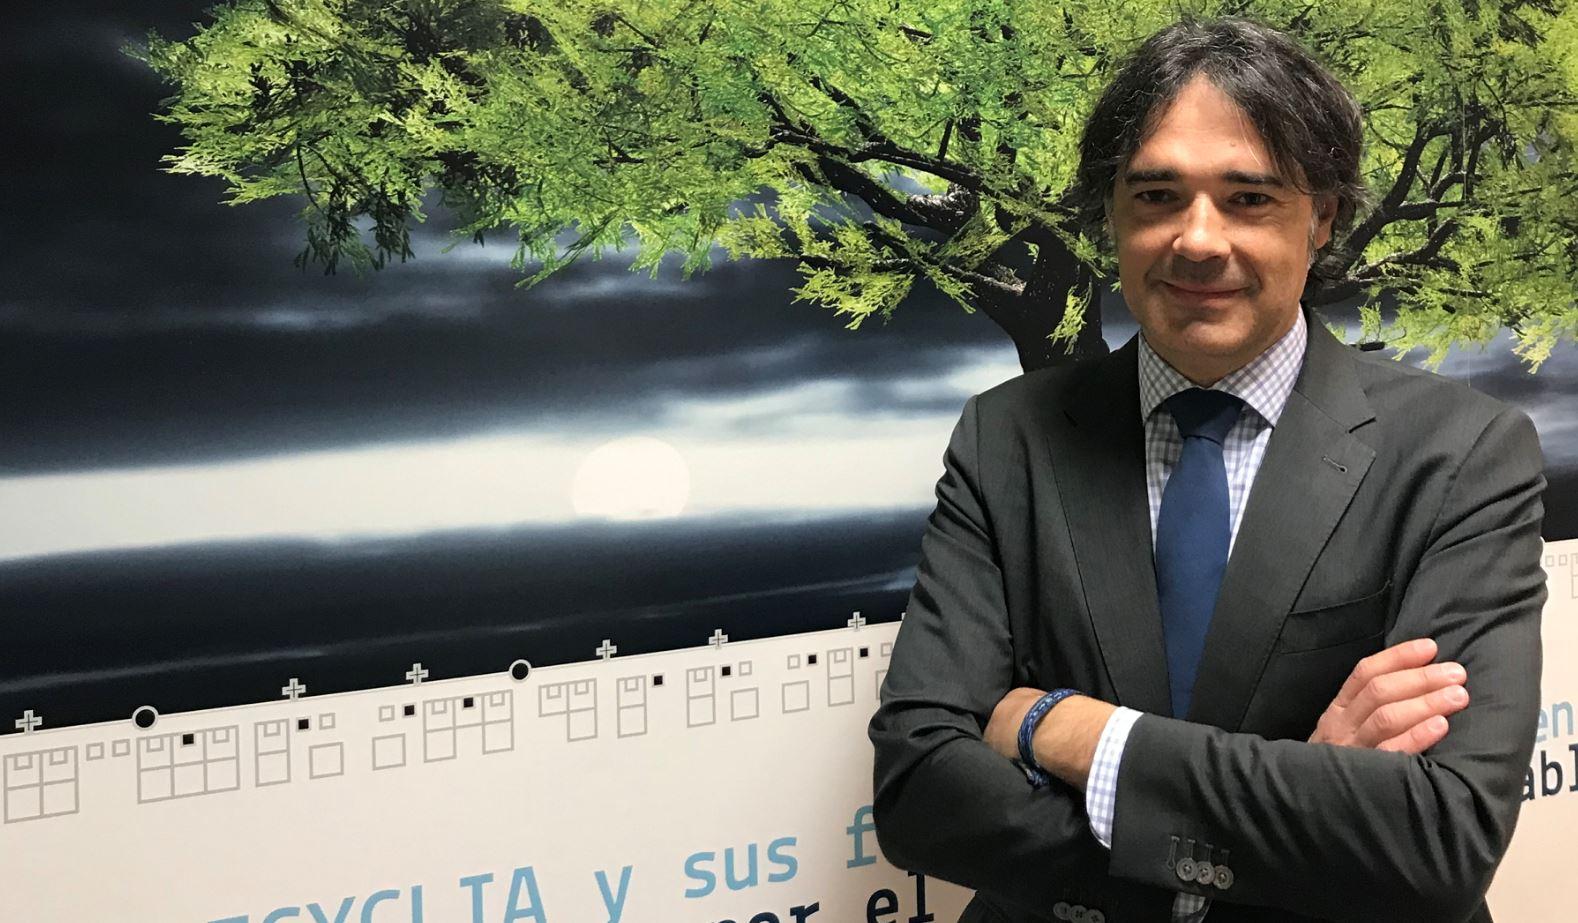 Gabriel Garcia director general Recyclia